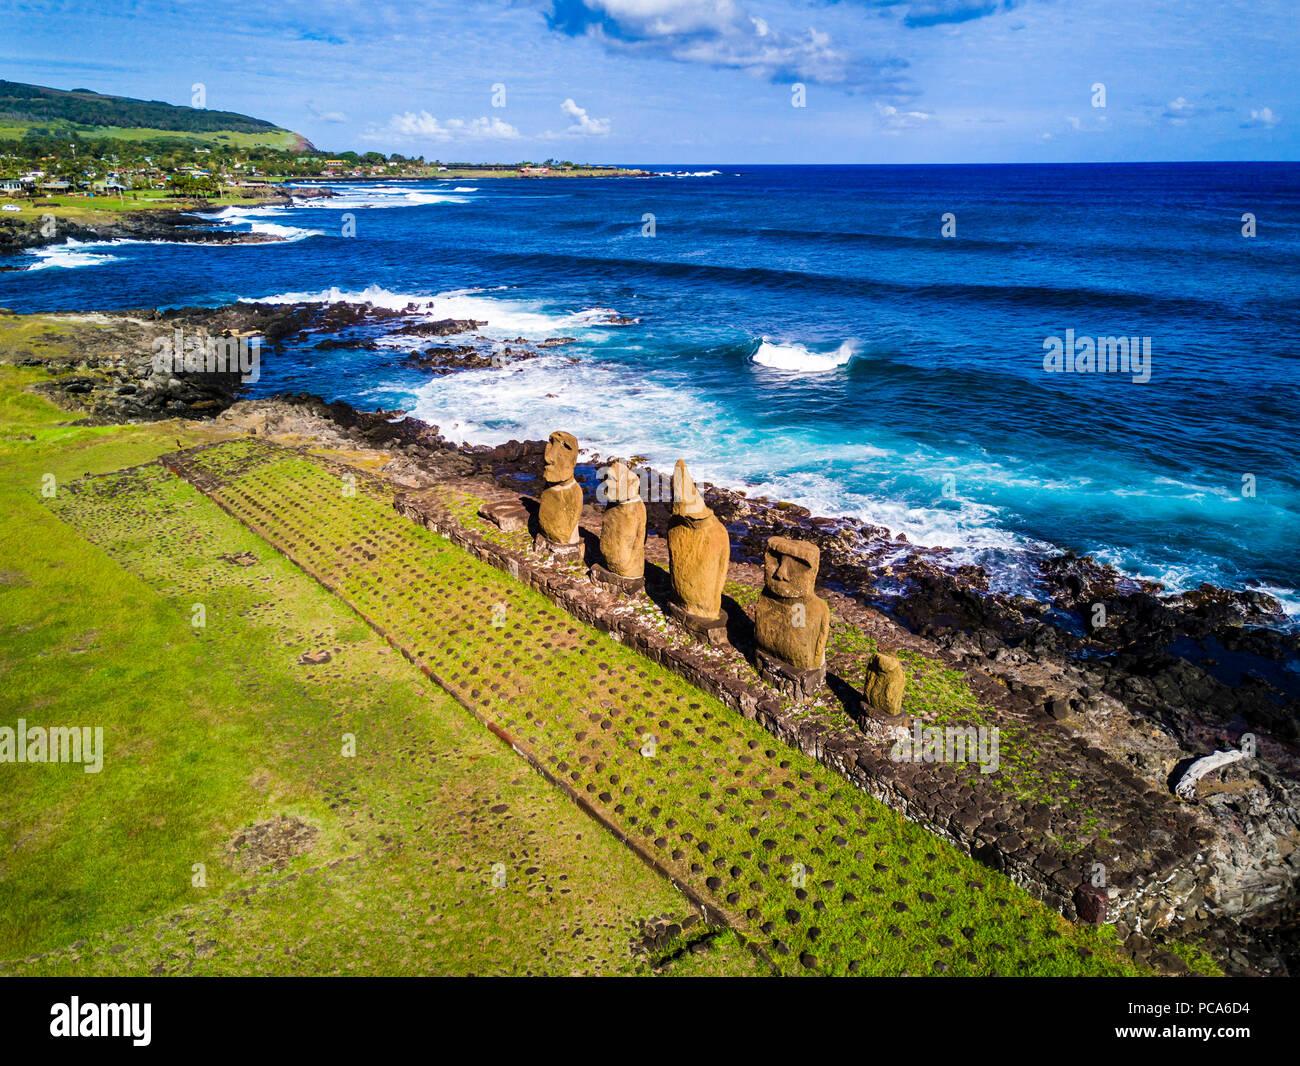 Eine Luftaufnahme über Ahu Tahai allein, Hanga Roa, Moai auf der Osterinsel. Dies ist der einzige mit gemalten Augen wie es war in der Vergangenheit. Stockbild